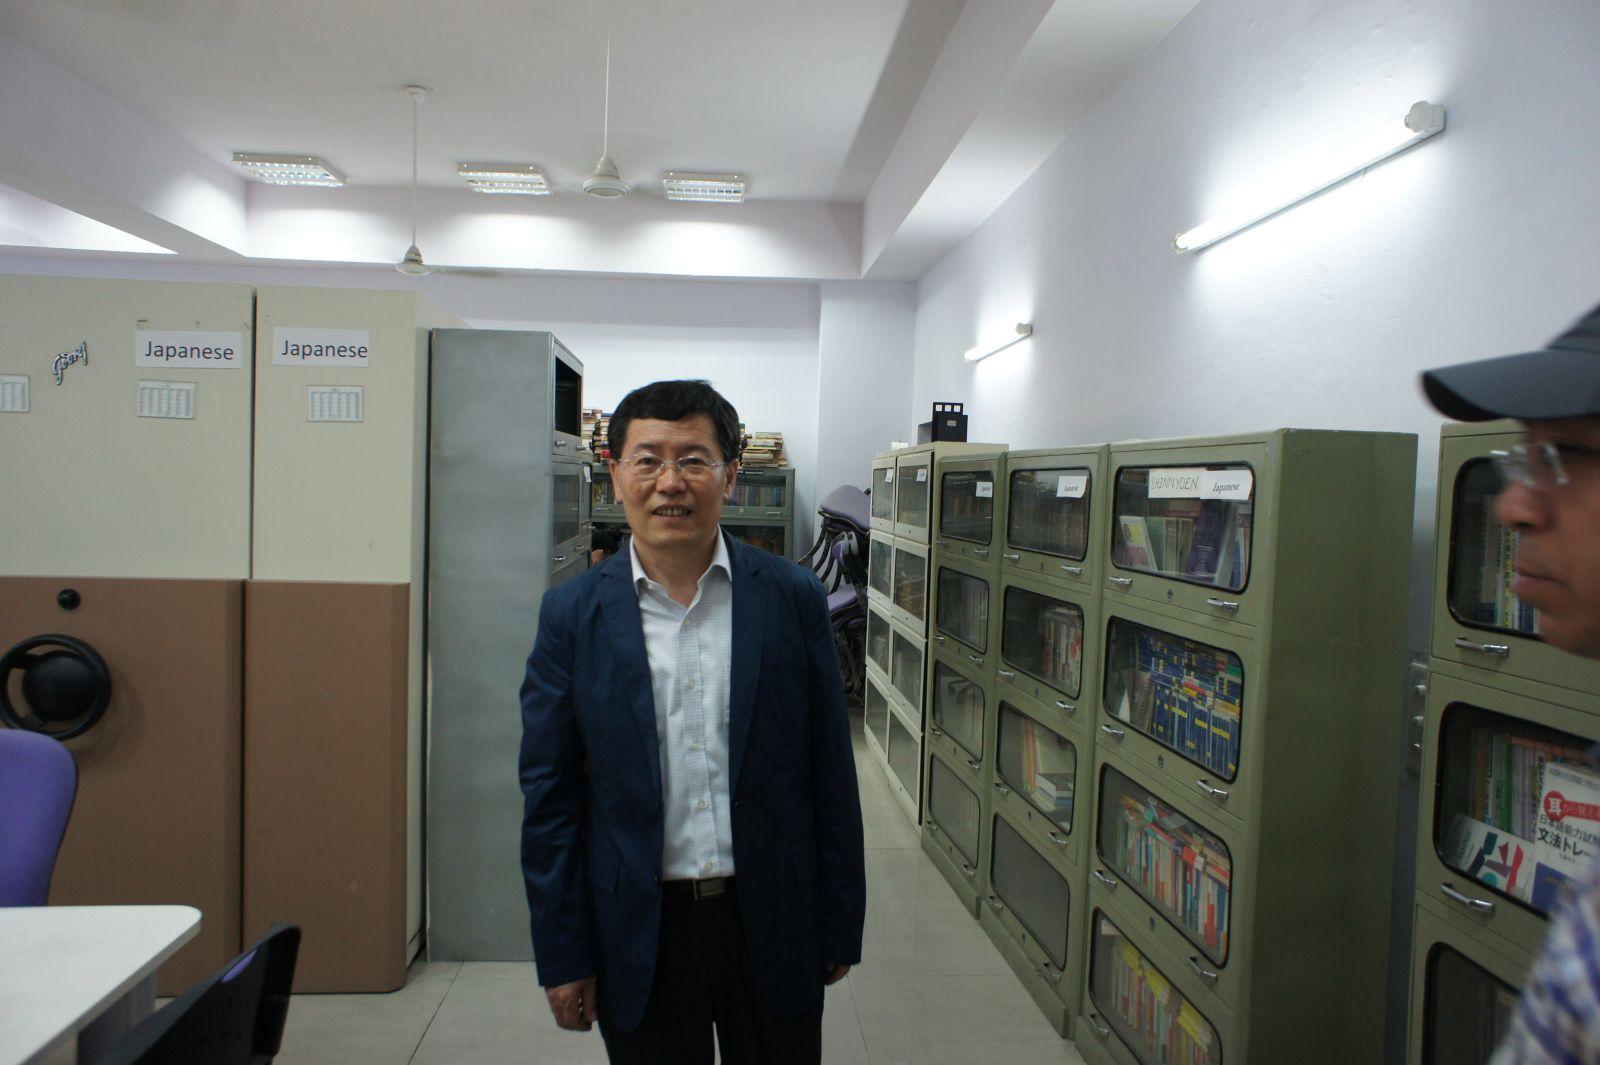 尹虎彬副所长在参观尼赫鲁大学东亚研究中心图书馆